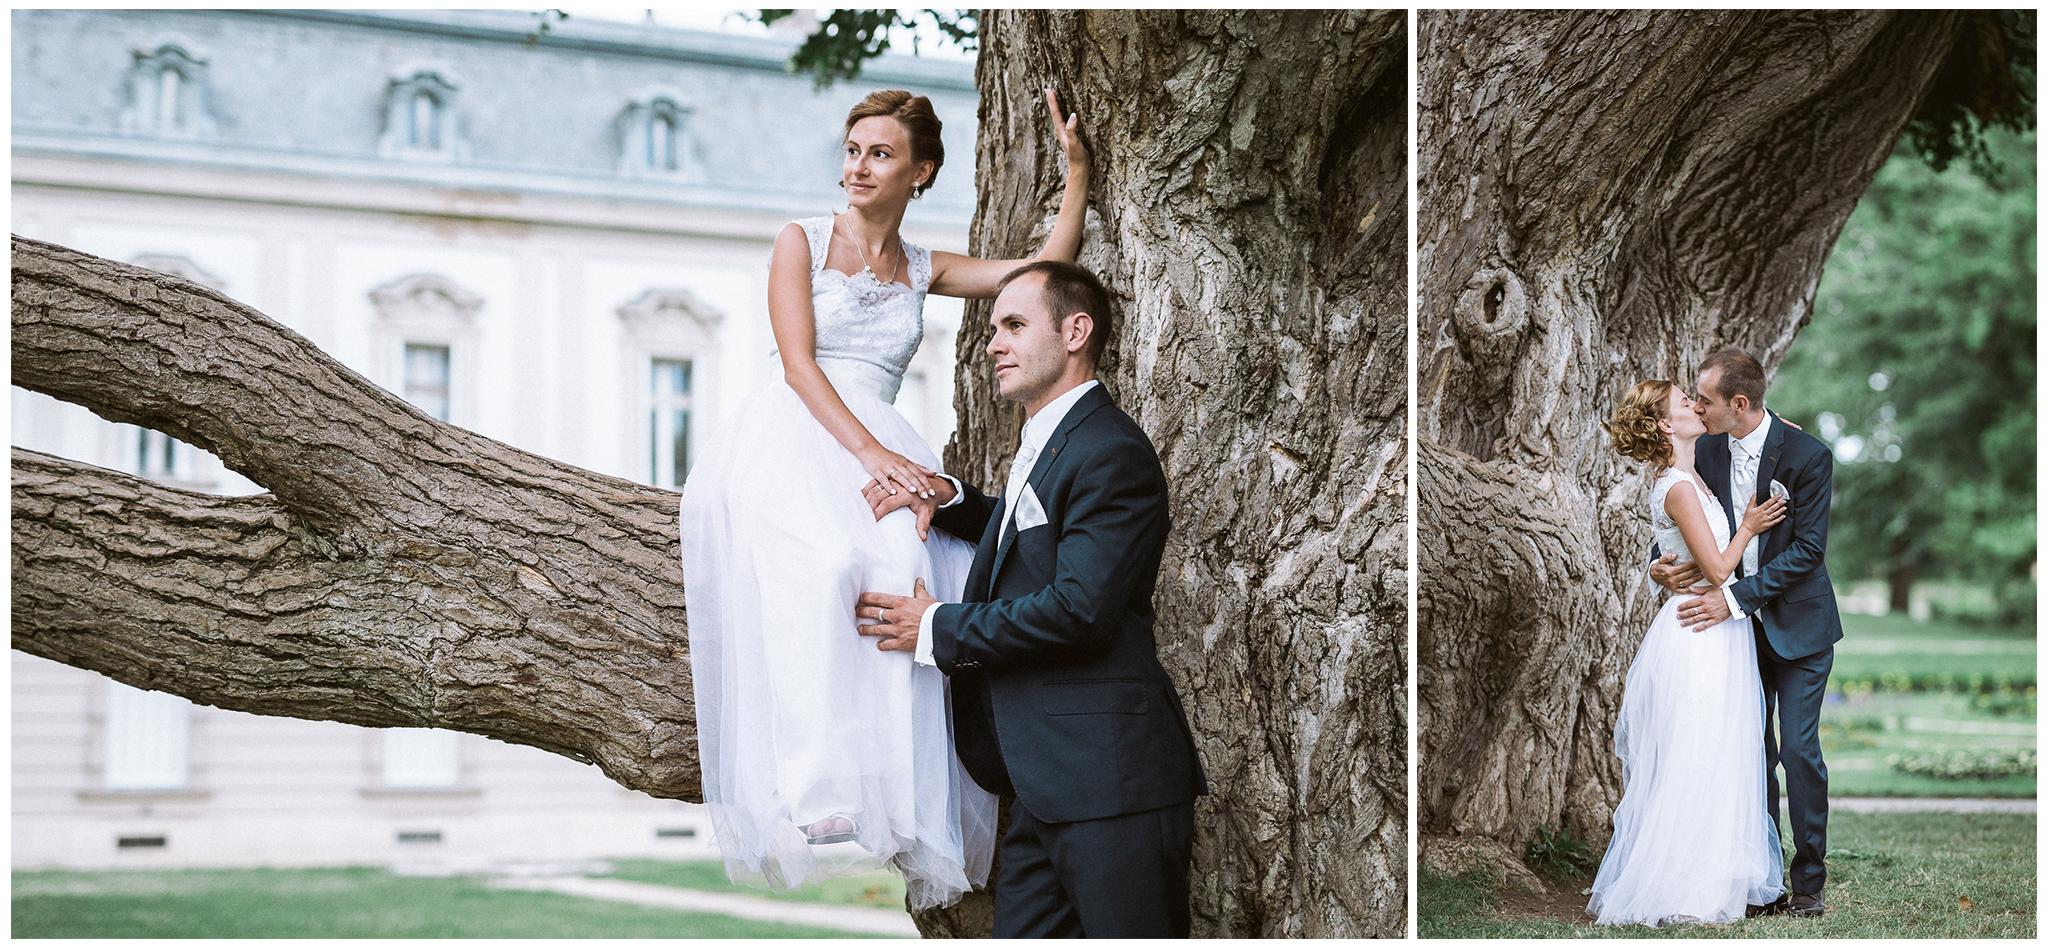 FylepPhoto, esküvőfotós, esküvői fotós Körmend, Szombathely, esküvőfotózás, magyarország, vas megye, prémium, jegyesfotózás, Fülöp Péter, körmend, kreatív, fotográfus_02.jpg